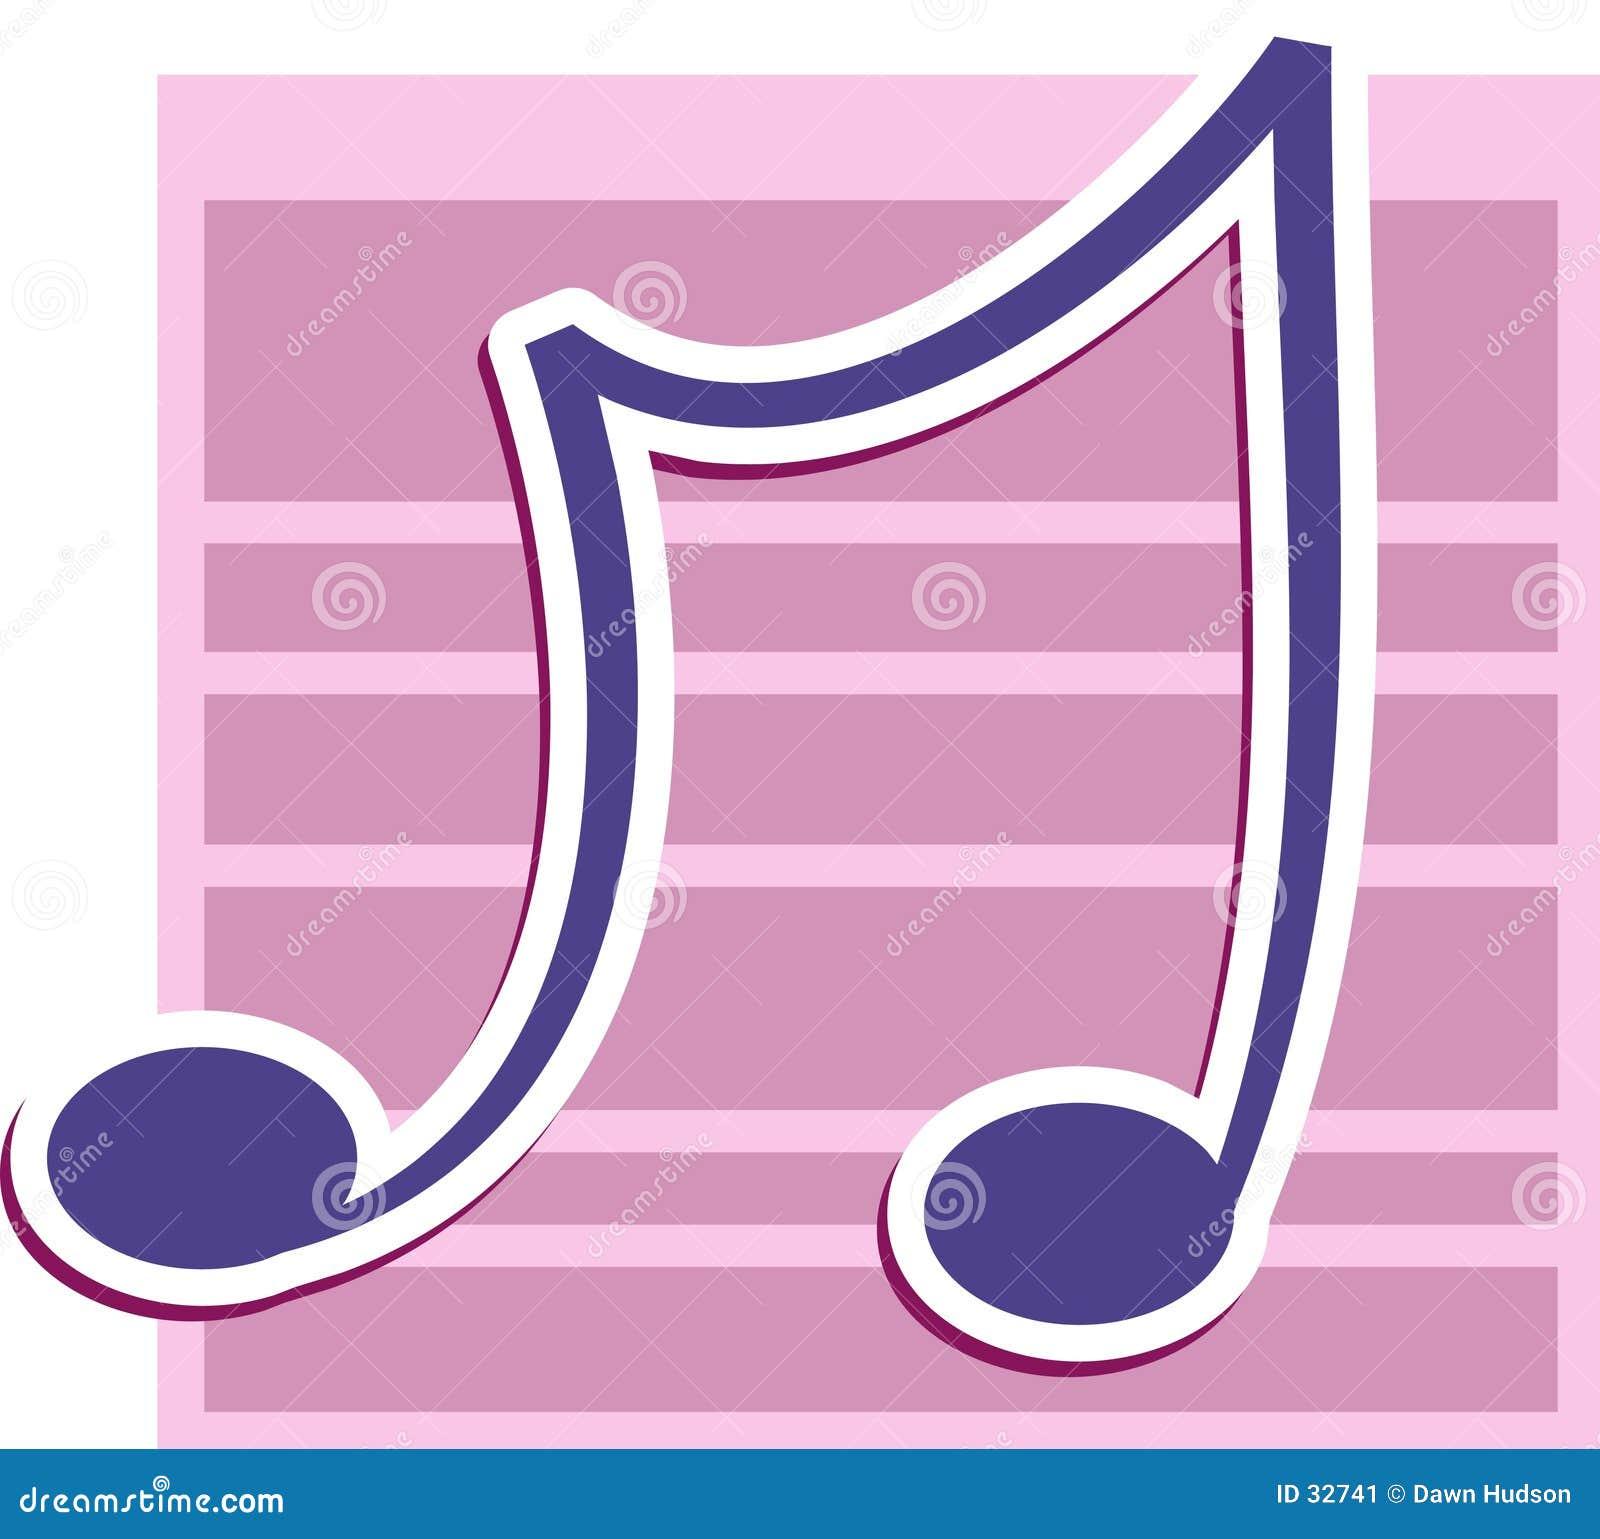 Uwaga muzyczna